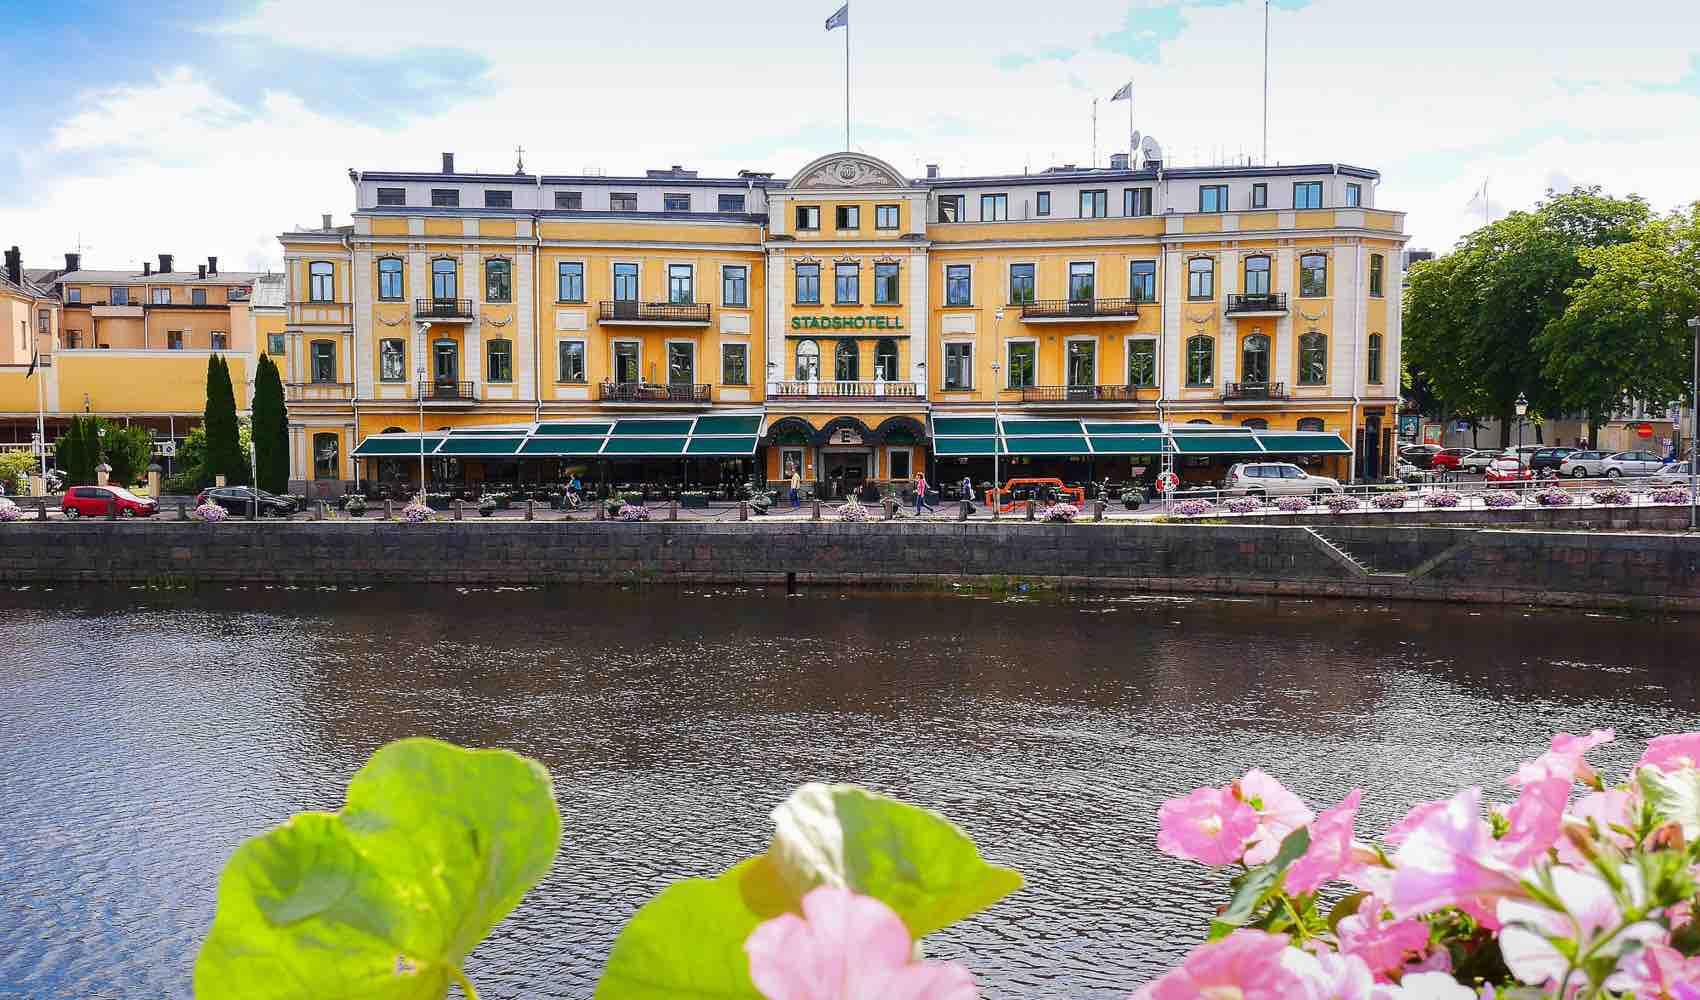 På Sadshotellet i Karlstad bodde The Beatles på 1960-tallet